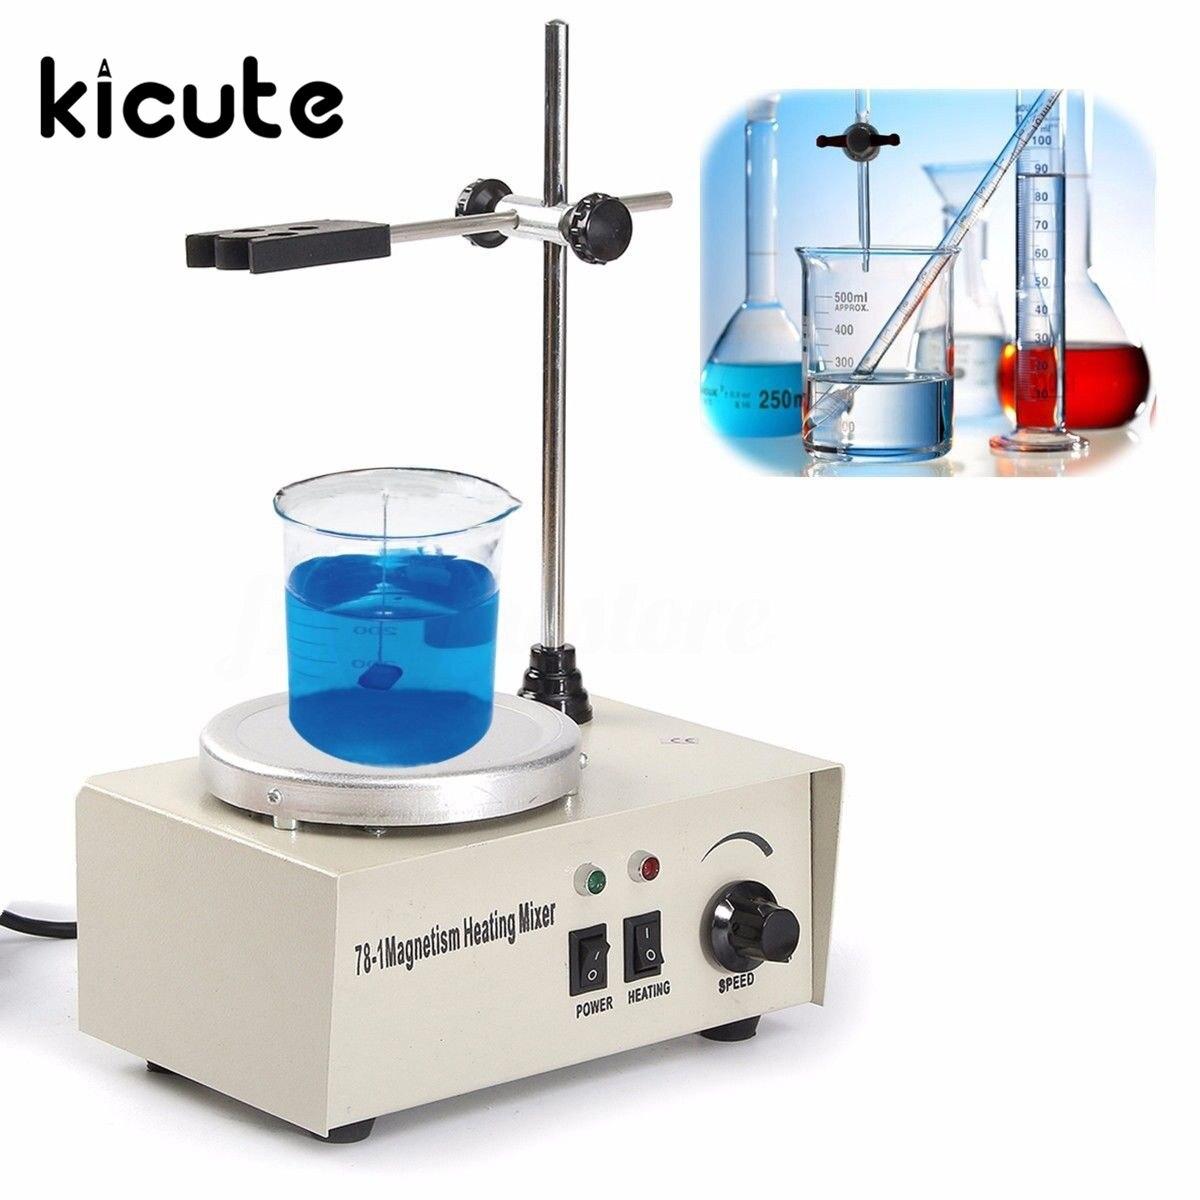 Kicute лабораторное оборудование для нагрева 1000 мл лаборатории магнитной мешалкой с плитой Отопление пластины смесителя 220 В Температура экра...